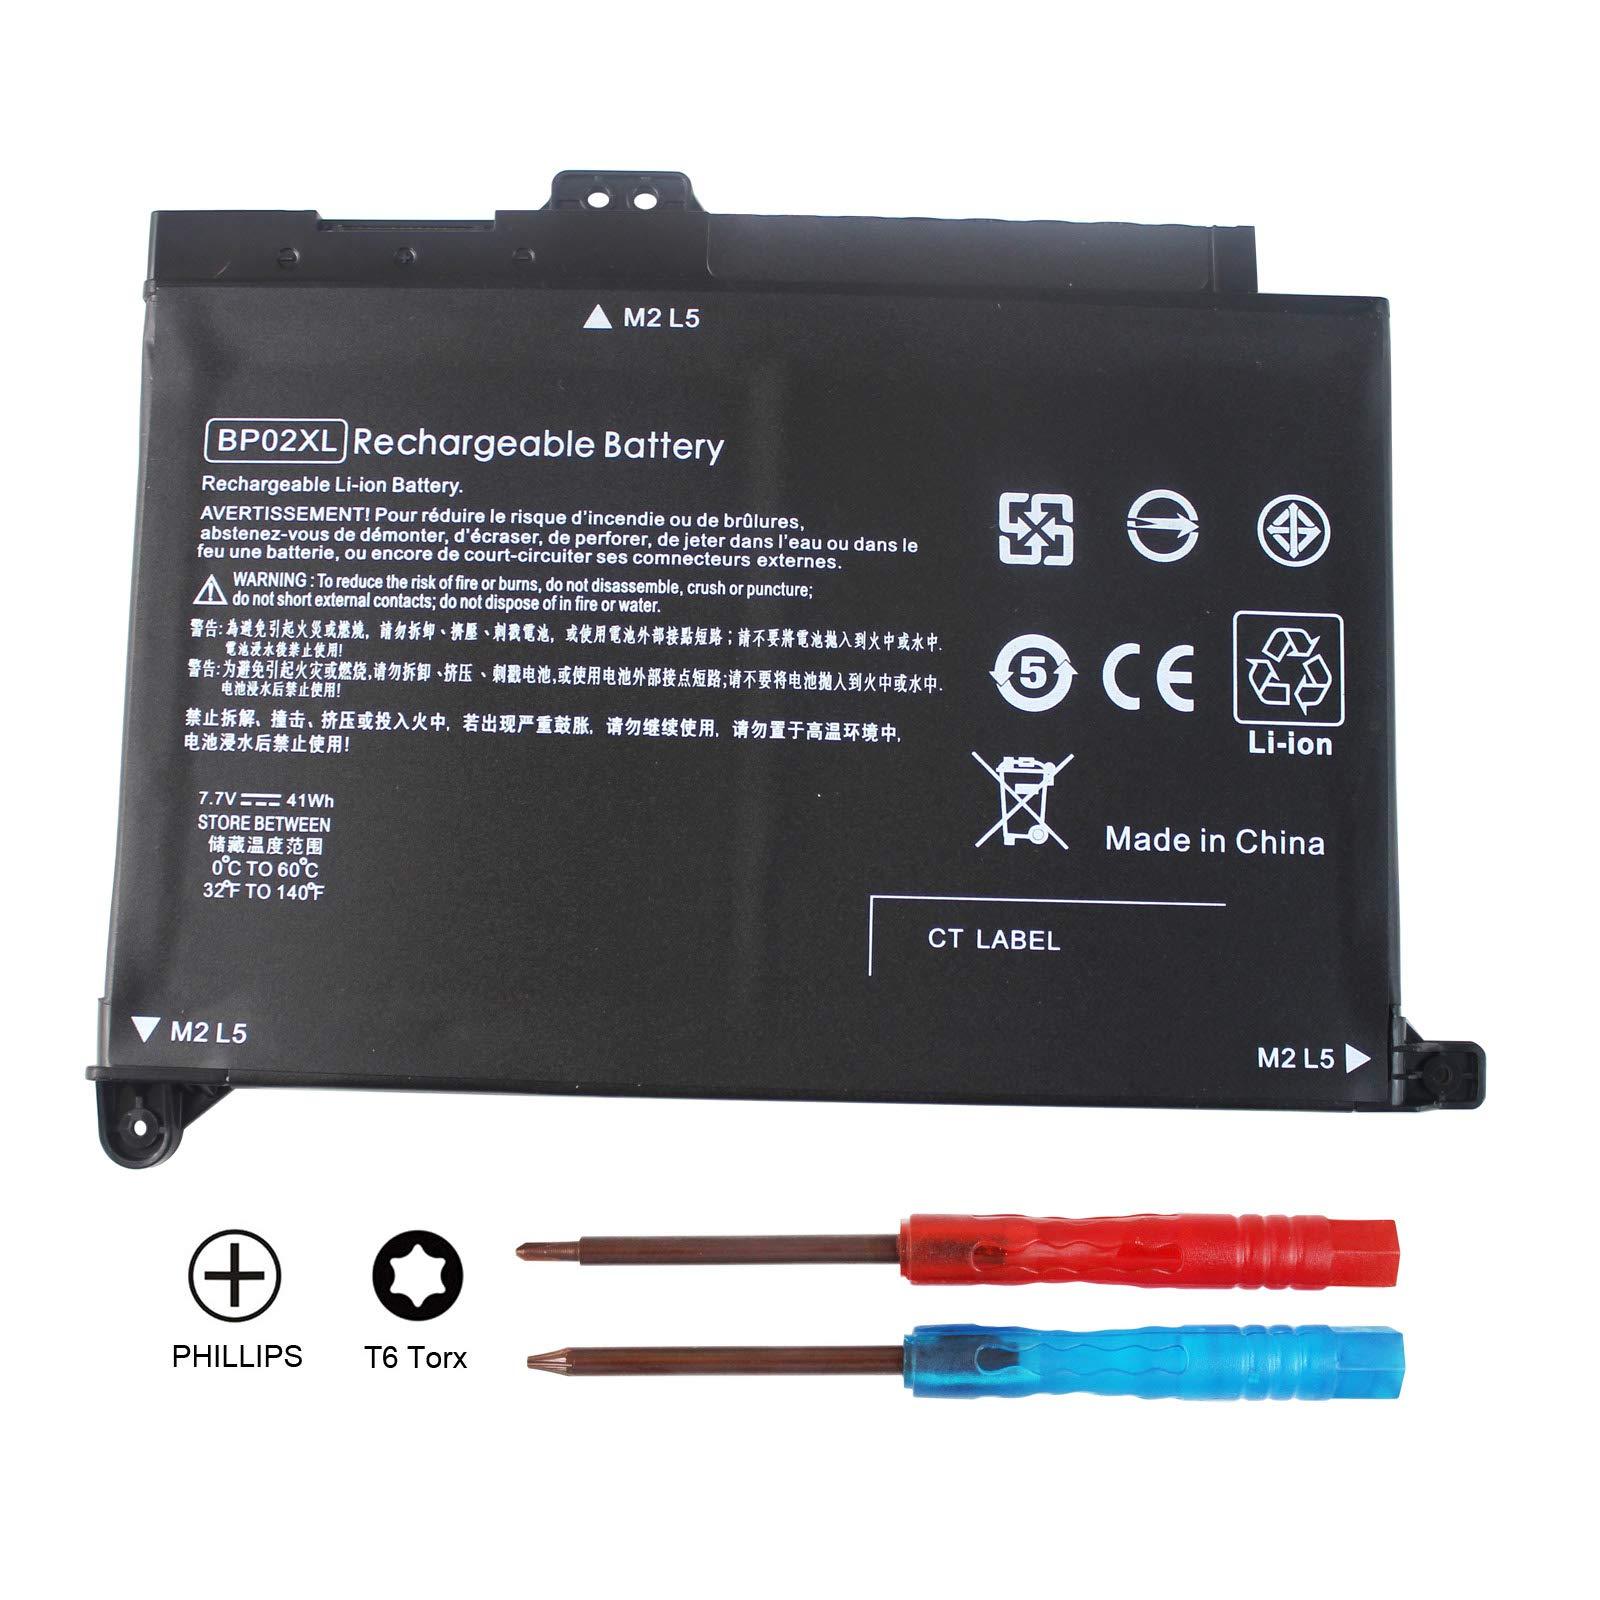 Bateria BP02XL para HP Pavilion PC 15 15-AU000 15-AU010WM 15-AU018WM Series HSTNN-UB7B HSTNN-LB7H 2ICP7/65/80 849569-542